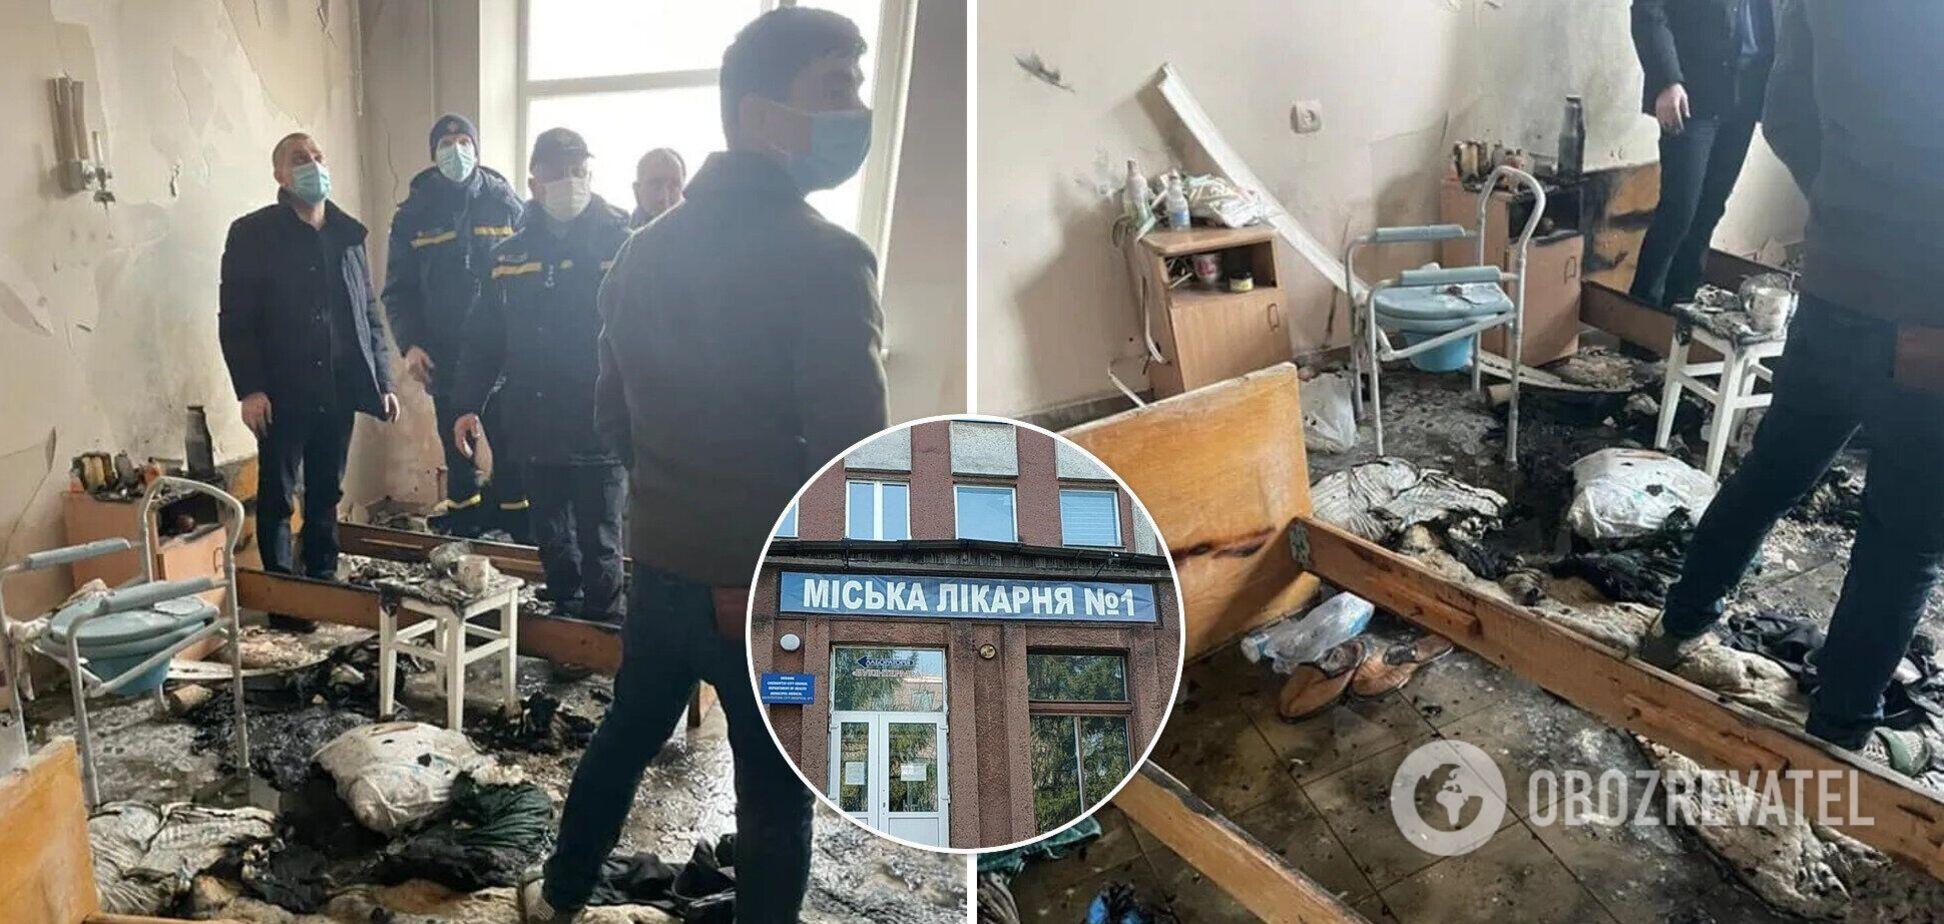 У міськраді Чернівців озвучили версію загибелі чоловіка під час вибуху у лікарні